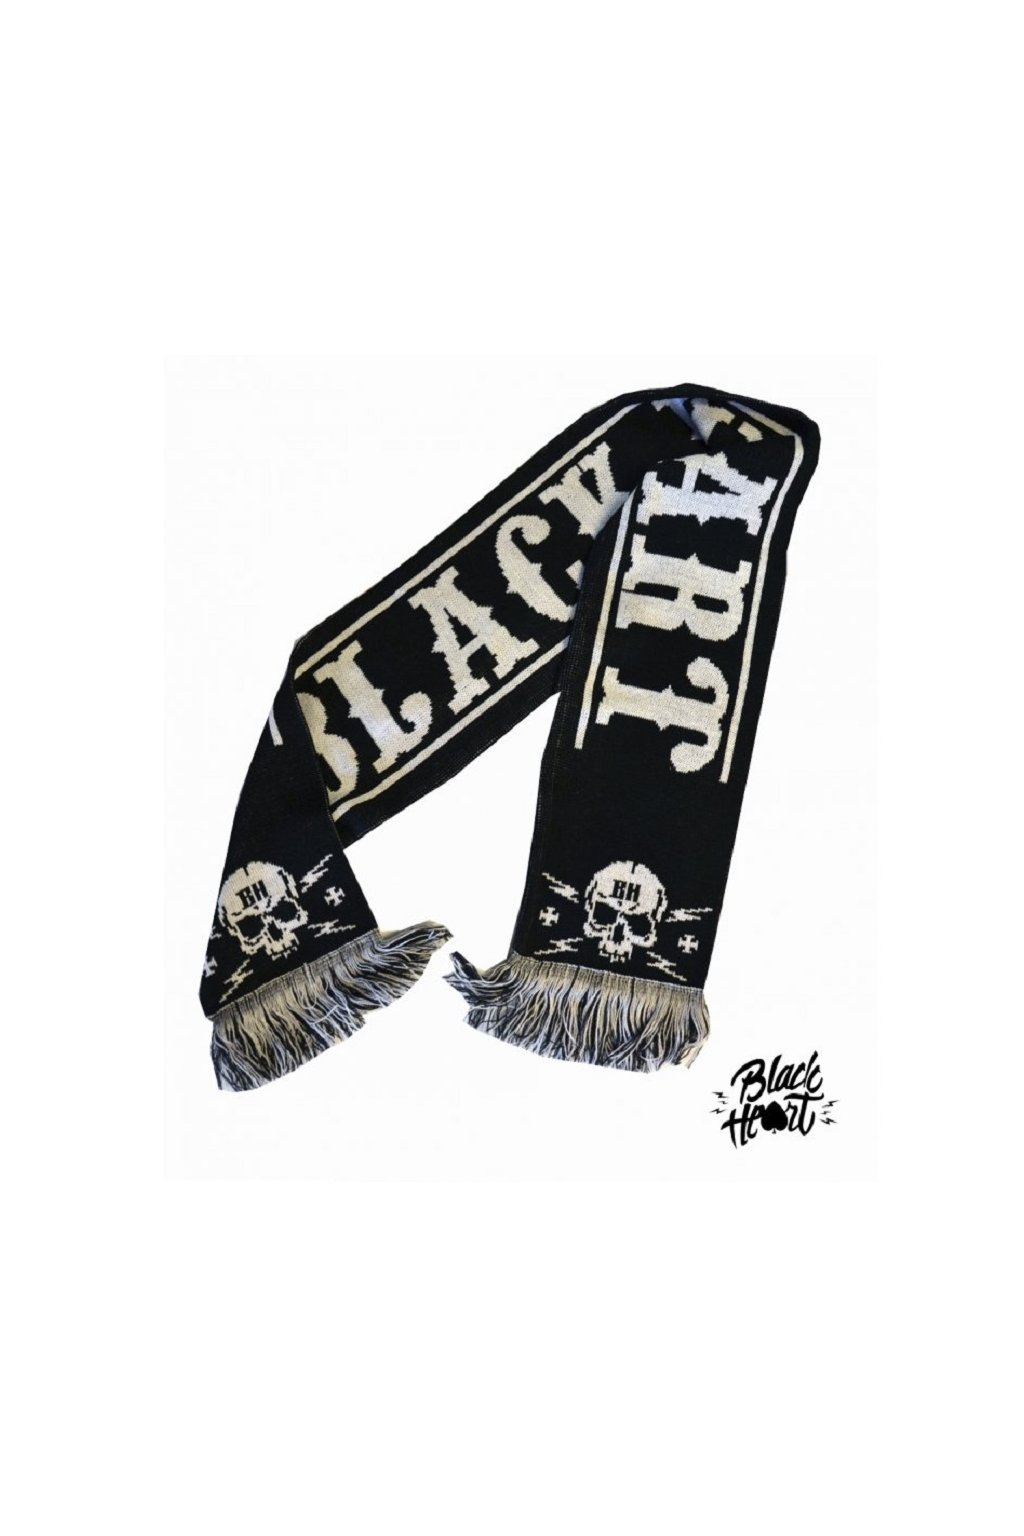 Šála BLACK HEART BASTARD GANG 028-0003-BLK přední strana